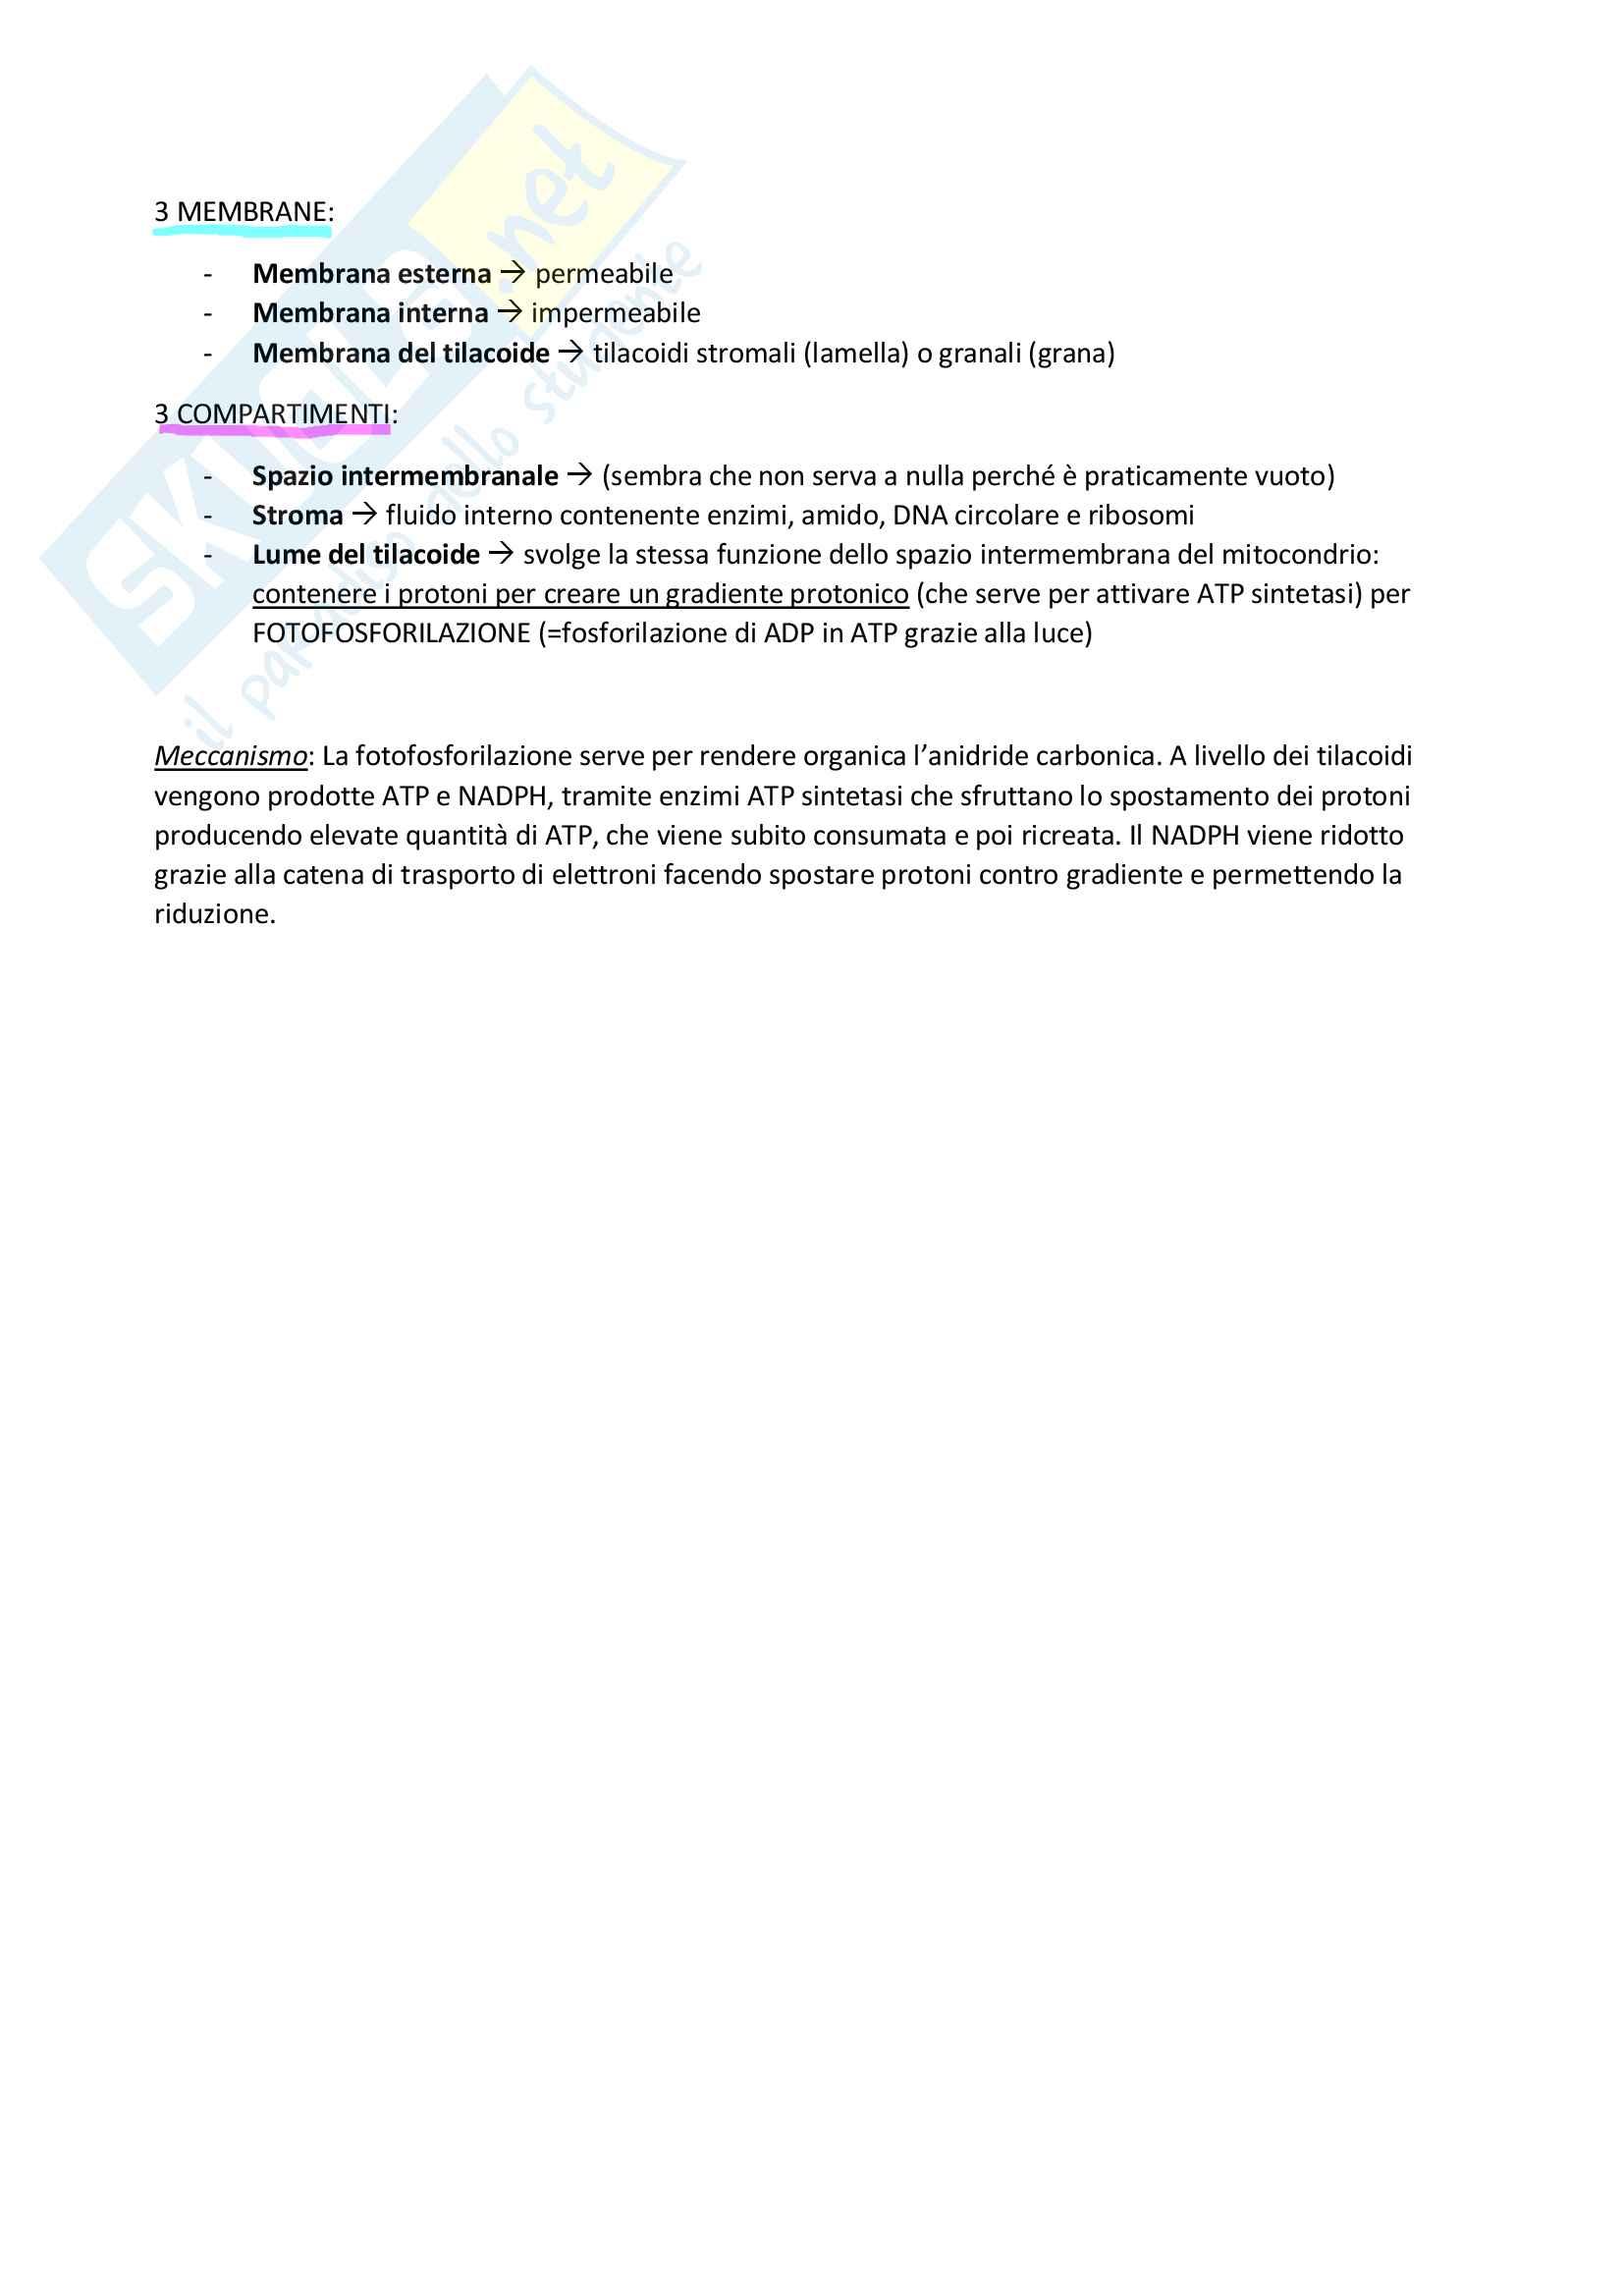 Riassunti di Biologia cellulare Pag. 11